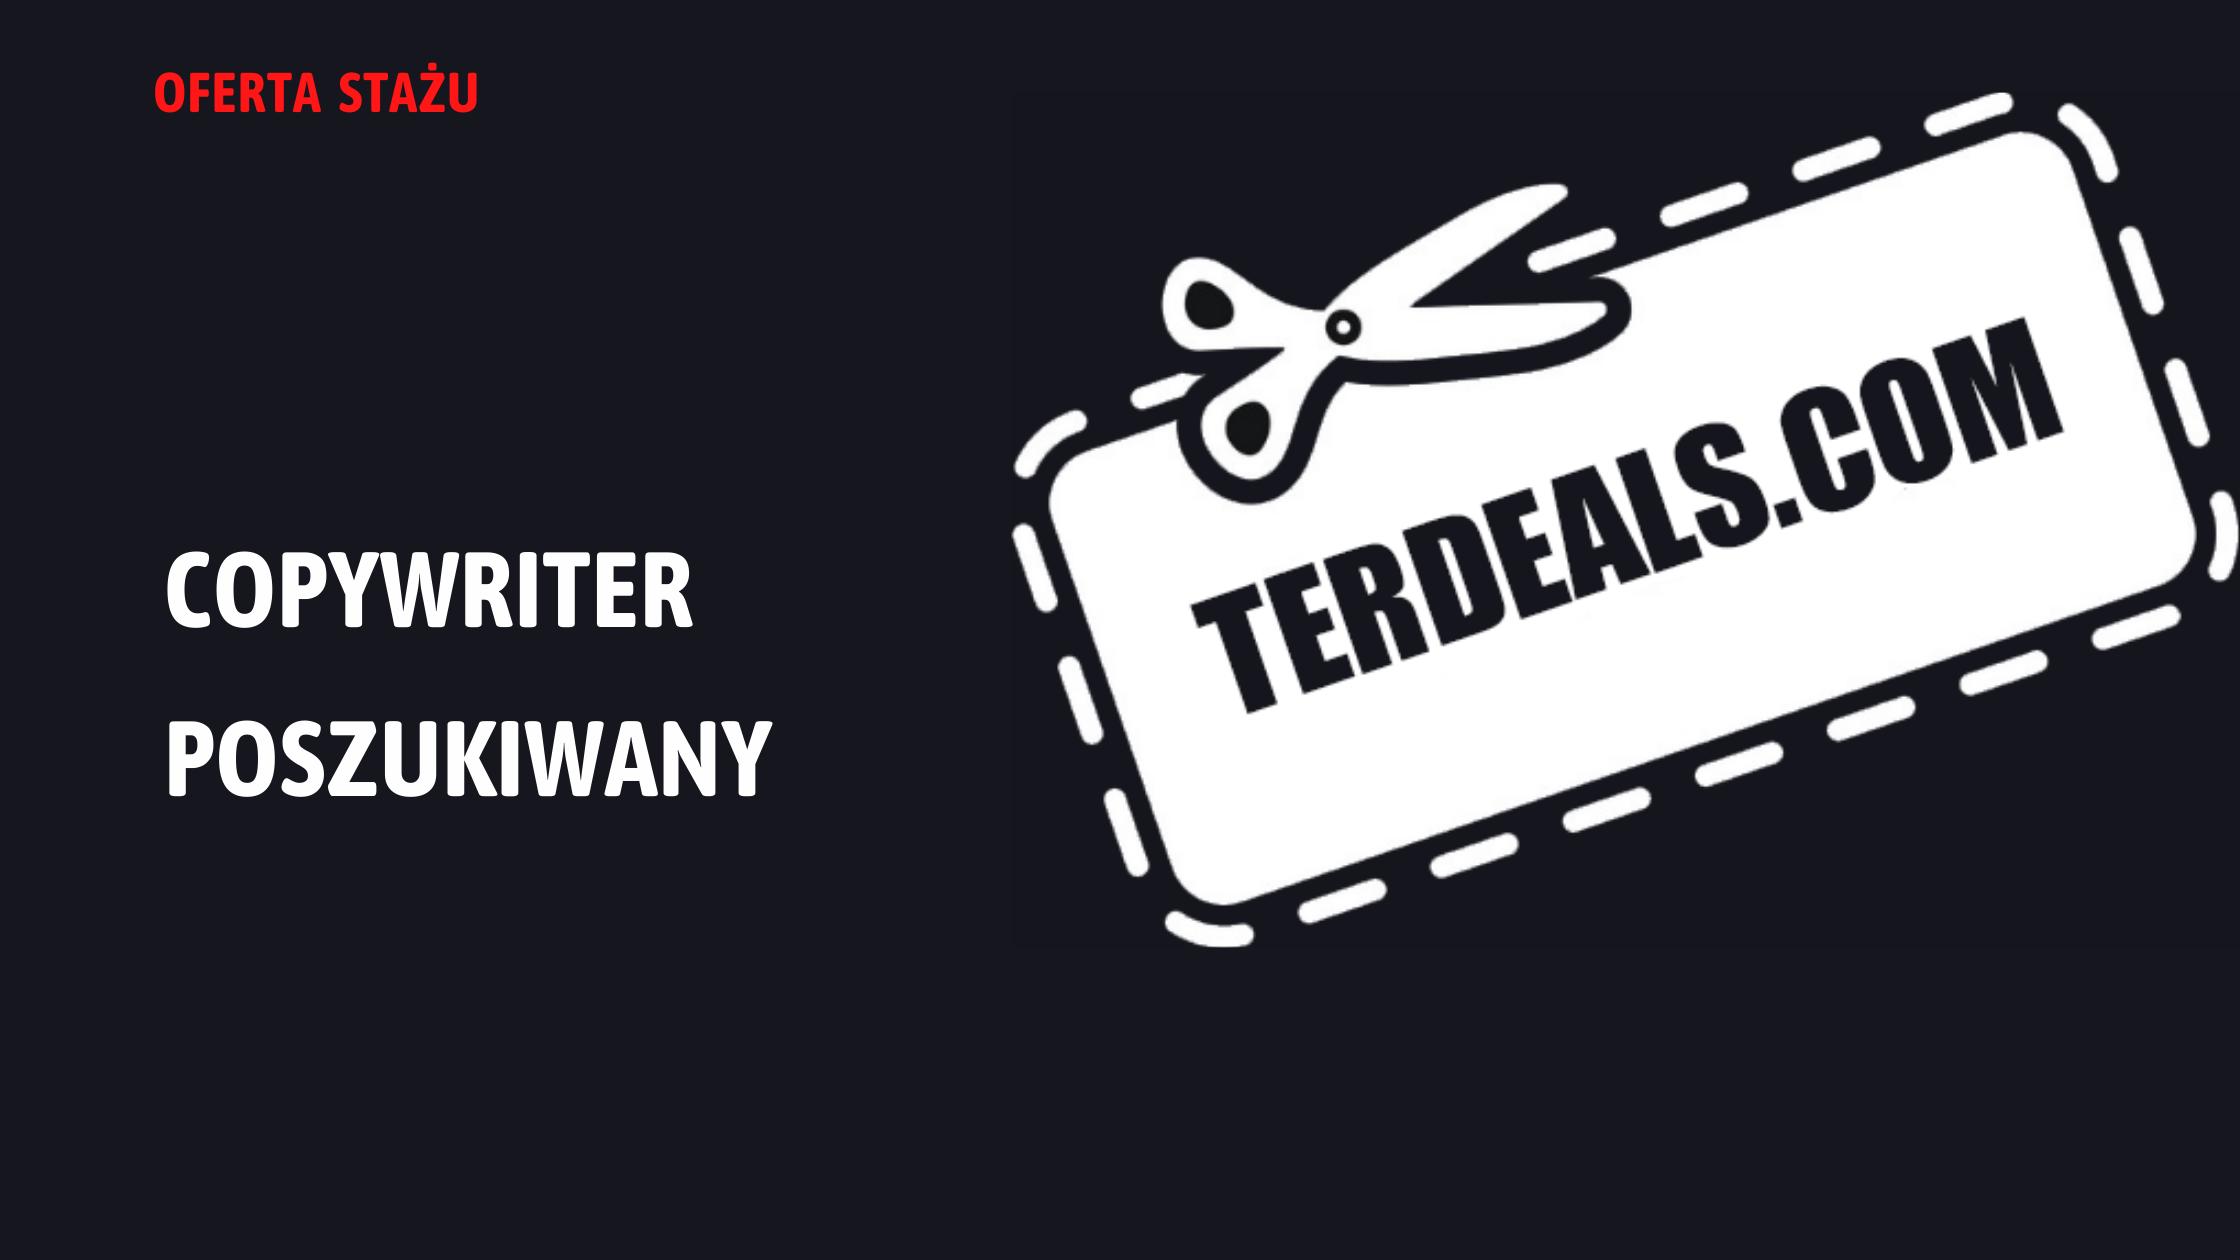 Staż copywriter w Terdeals